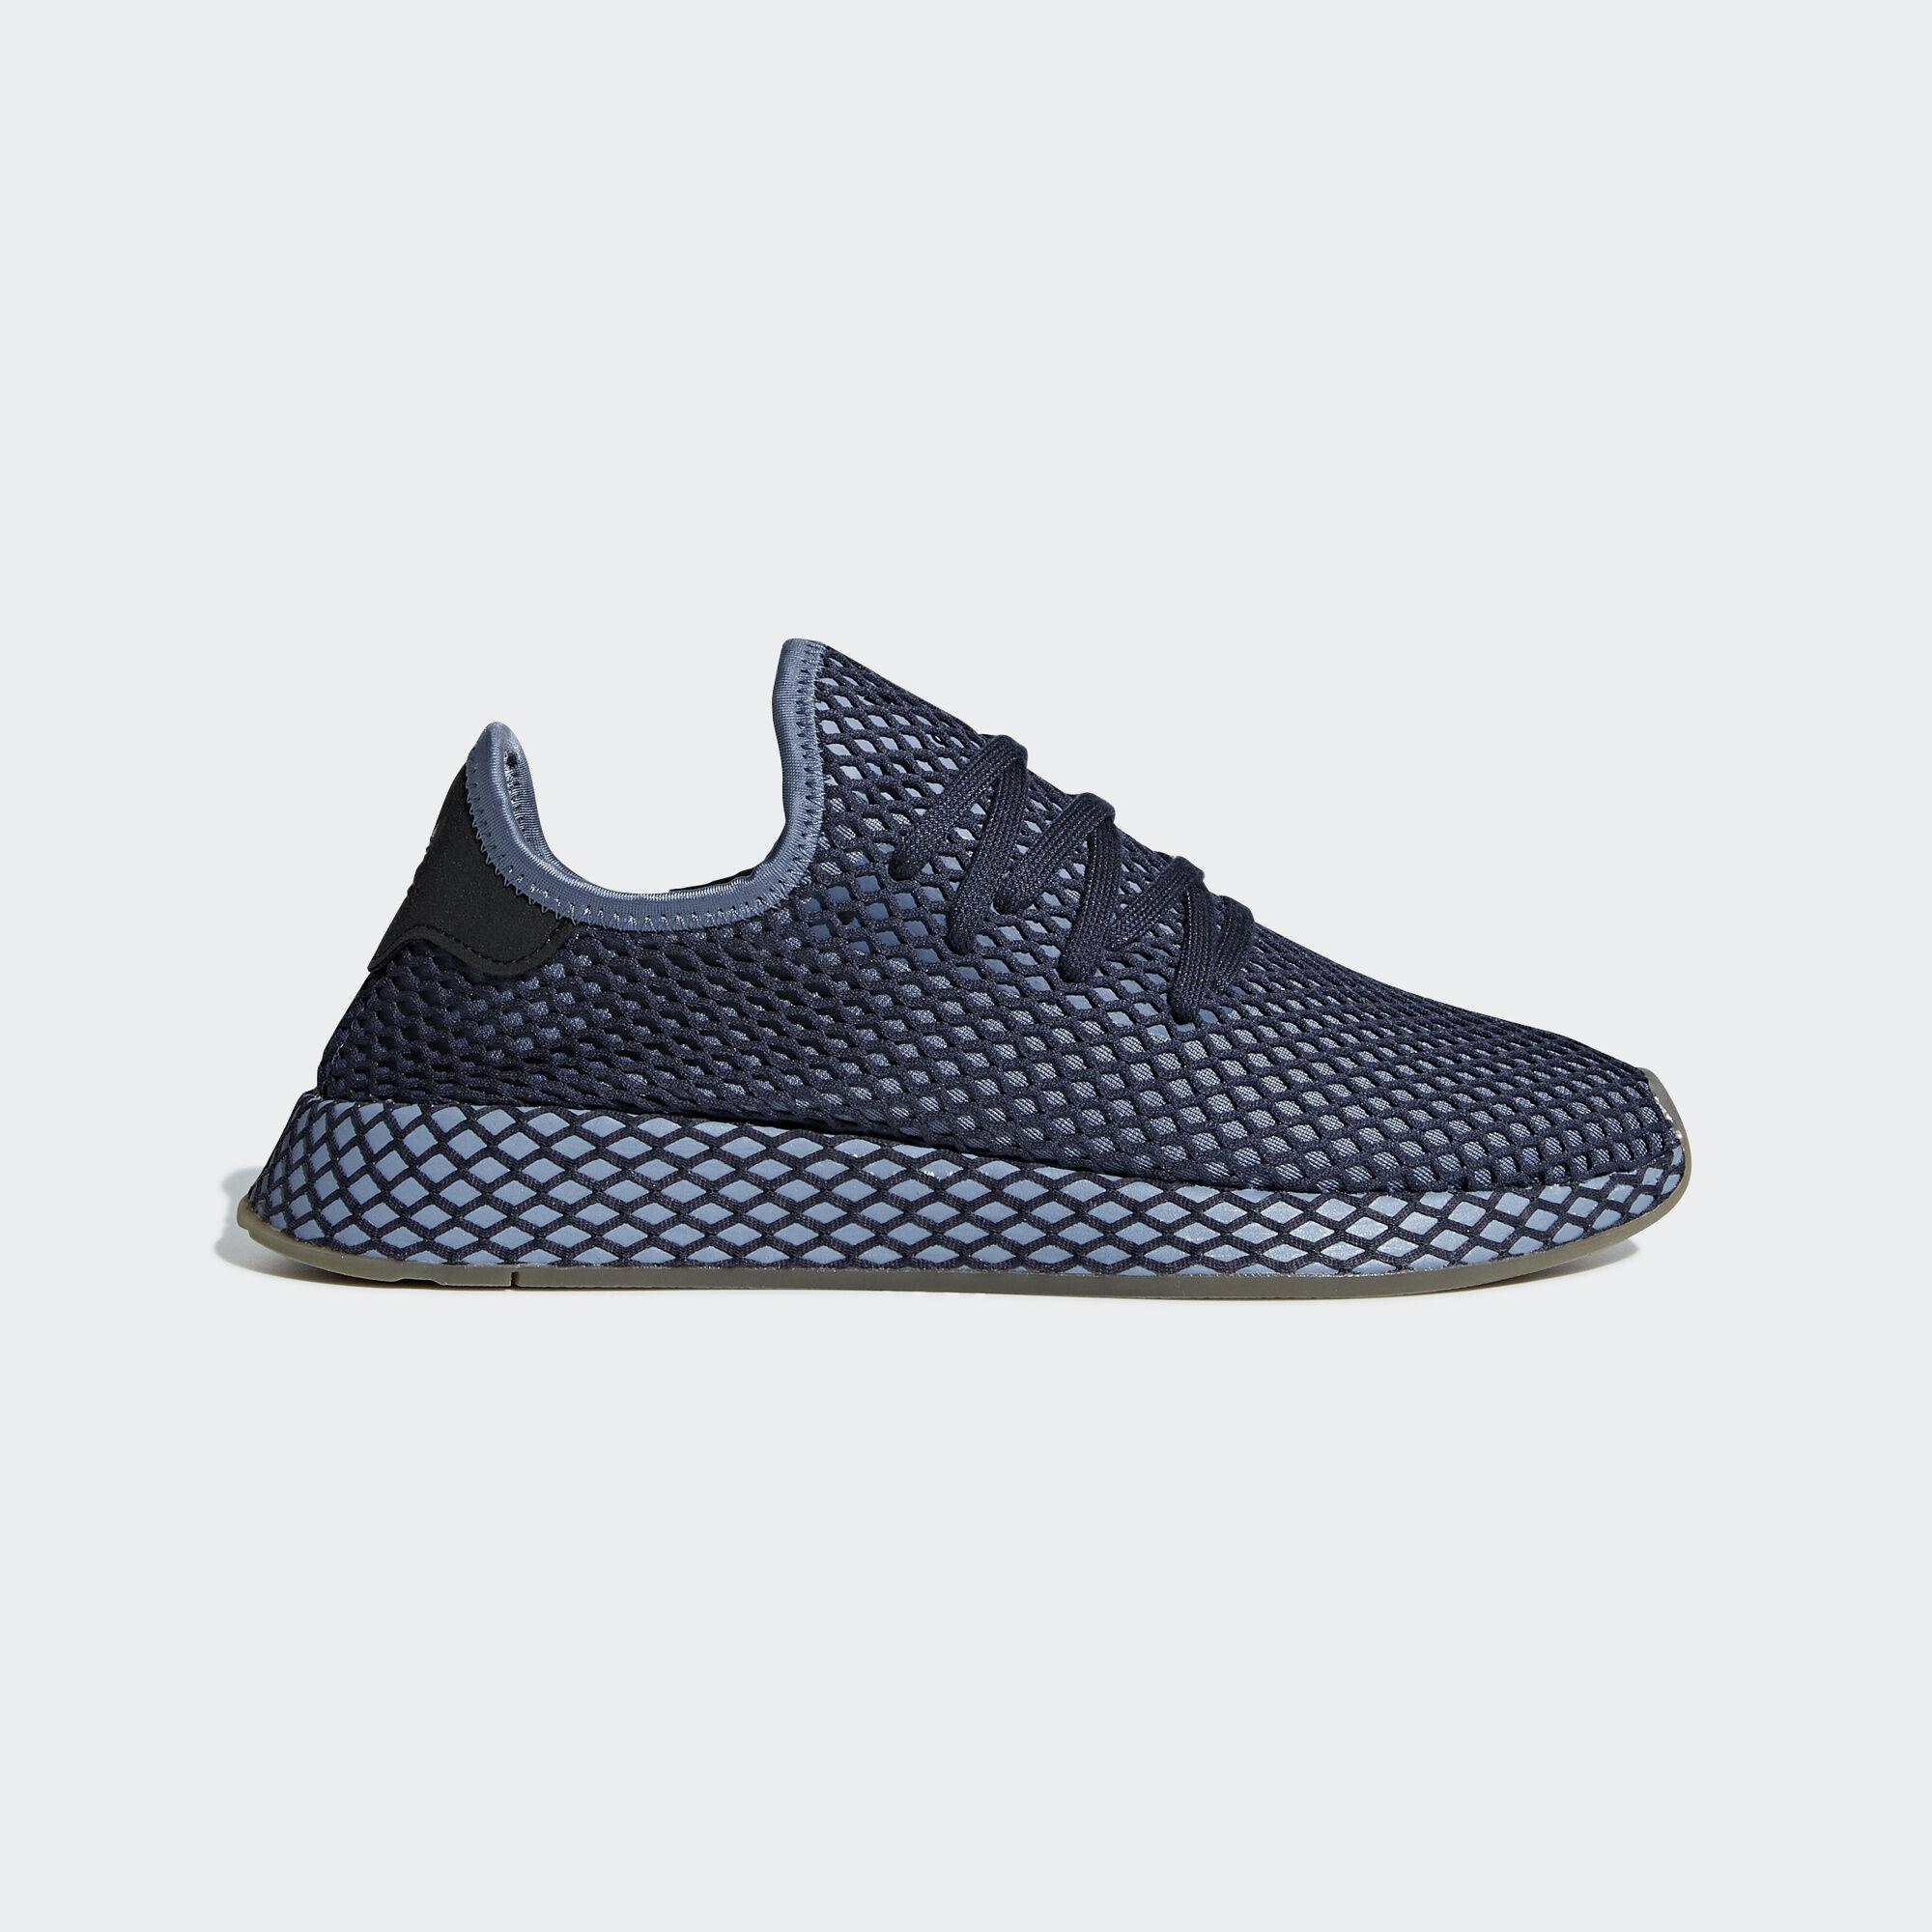 brand new 466a1 98be5 adidas deerupt runner chaussures bleu bleu bleu adidas asie moyen - orient  cc7976